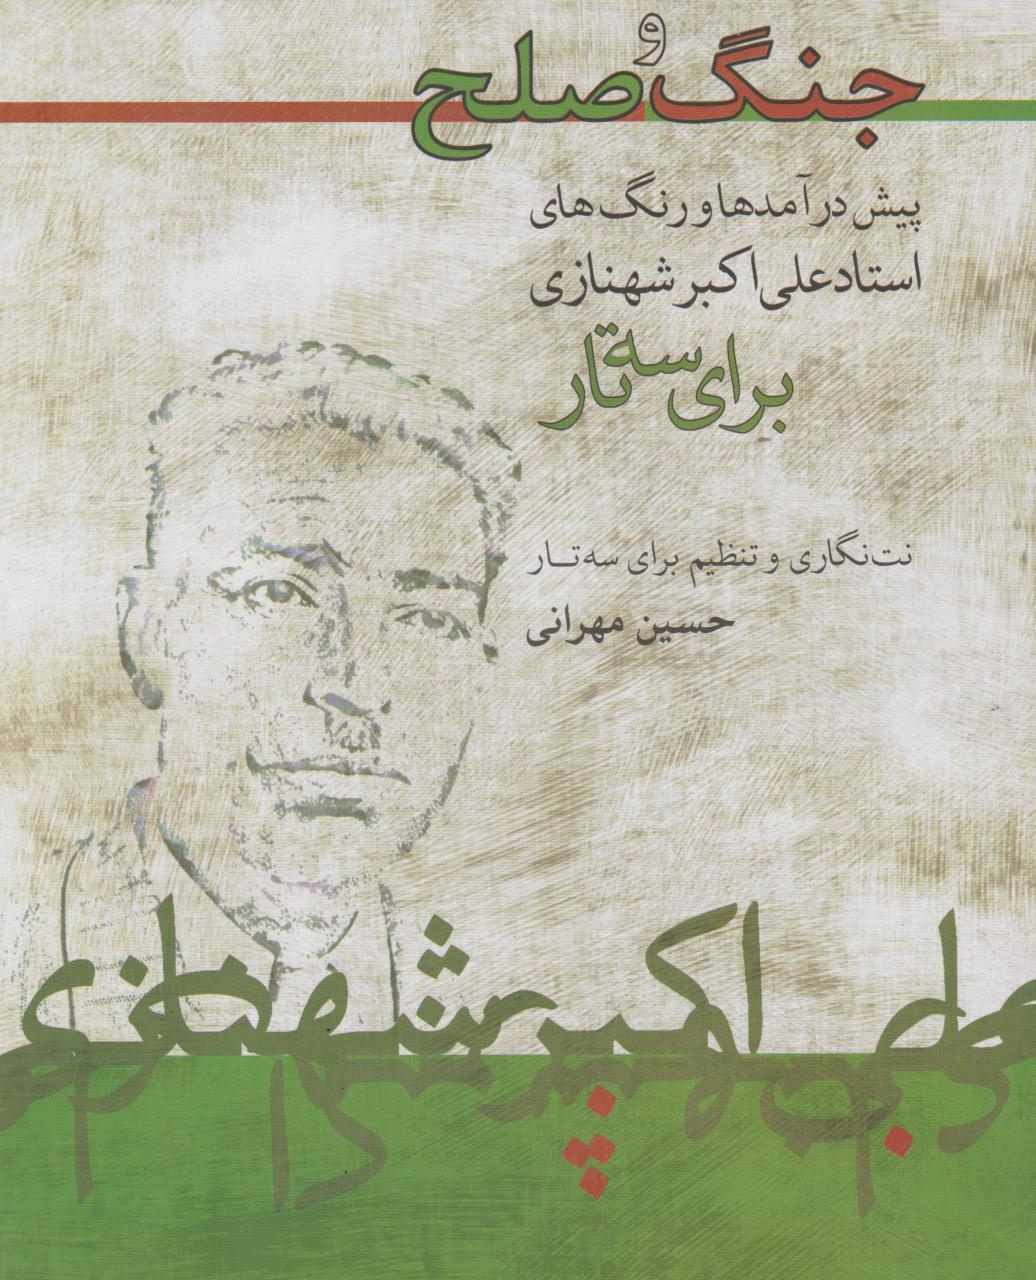 کتاب جنگ و صلح نتنگاری و تنظیم برای سهتار حسین مهرانی انتشارات ماهور